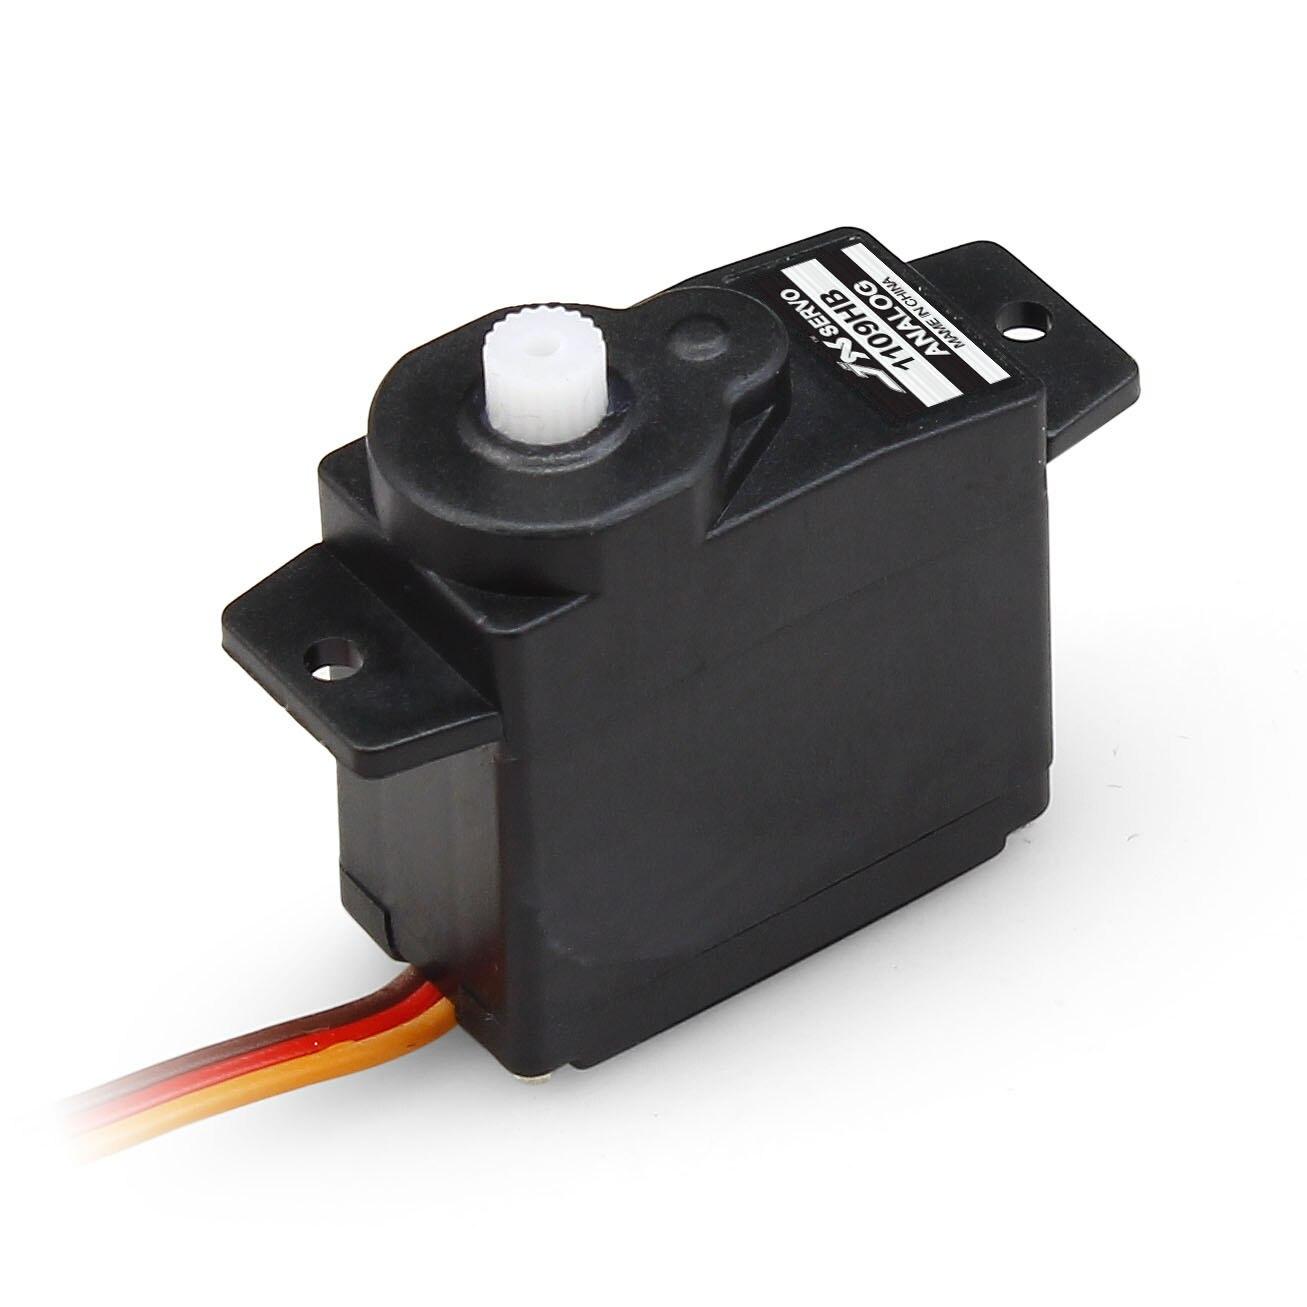 JX PS-1109HB 9g 1.89kg Plastic Gear Analog Servo